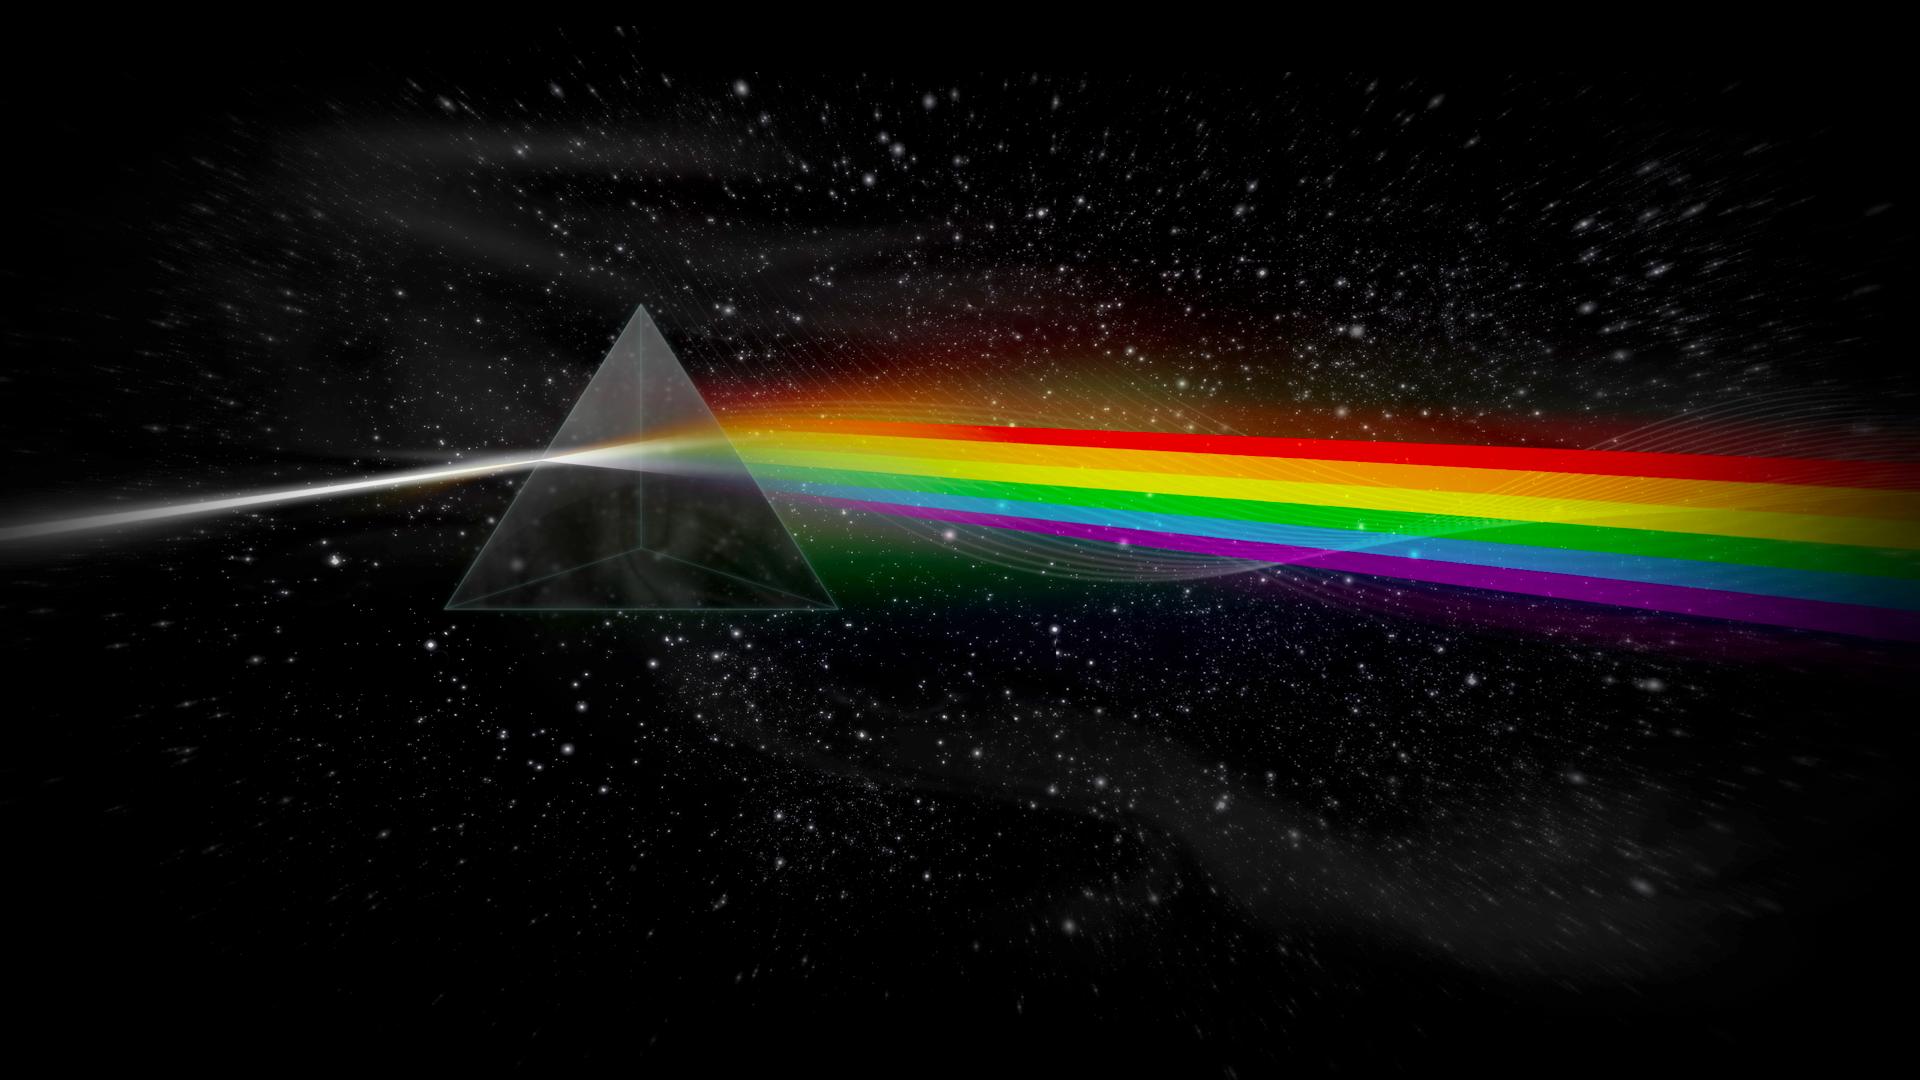 Pink Floyd Wallpaper 1920x1080 Pink Floyd Dark Side Of The Moon 1920x1080